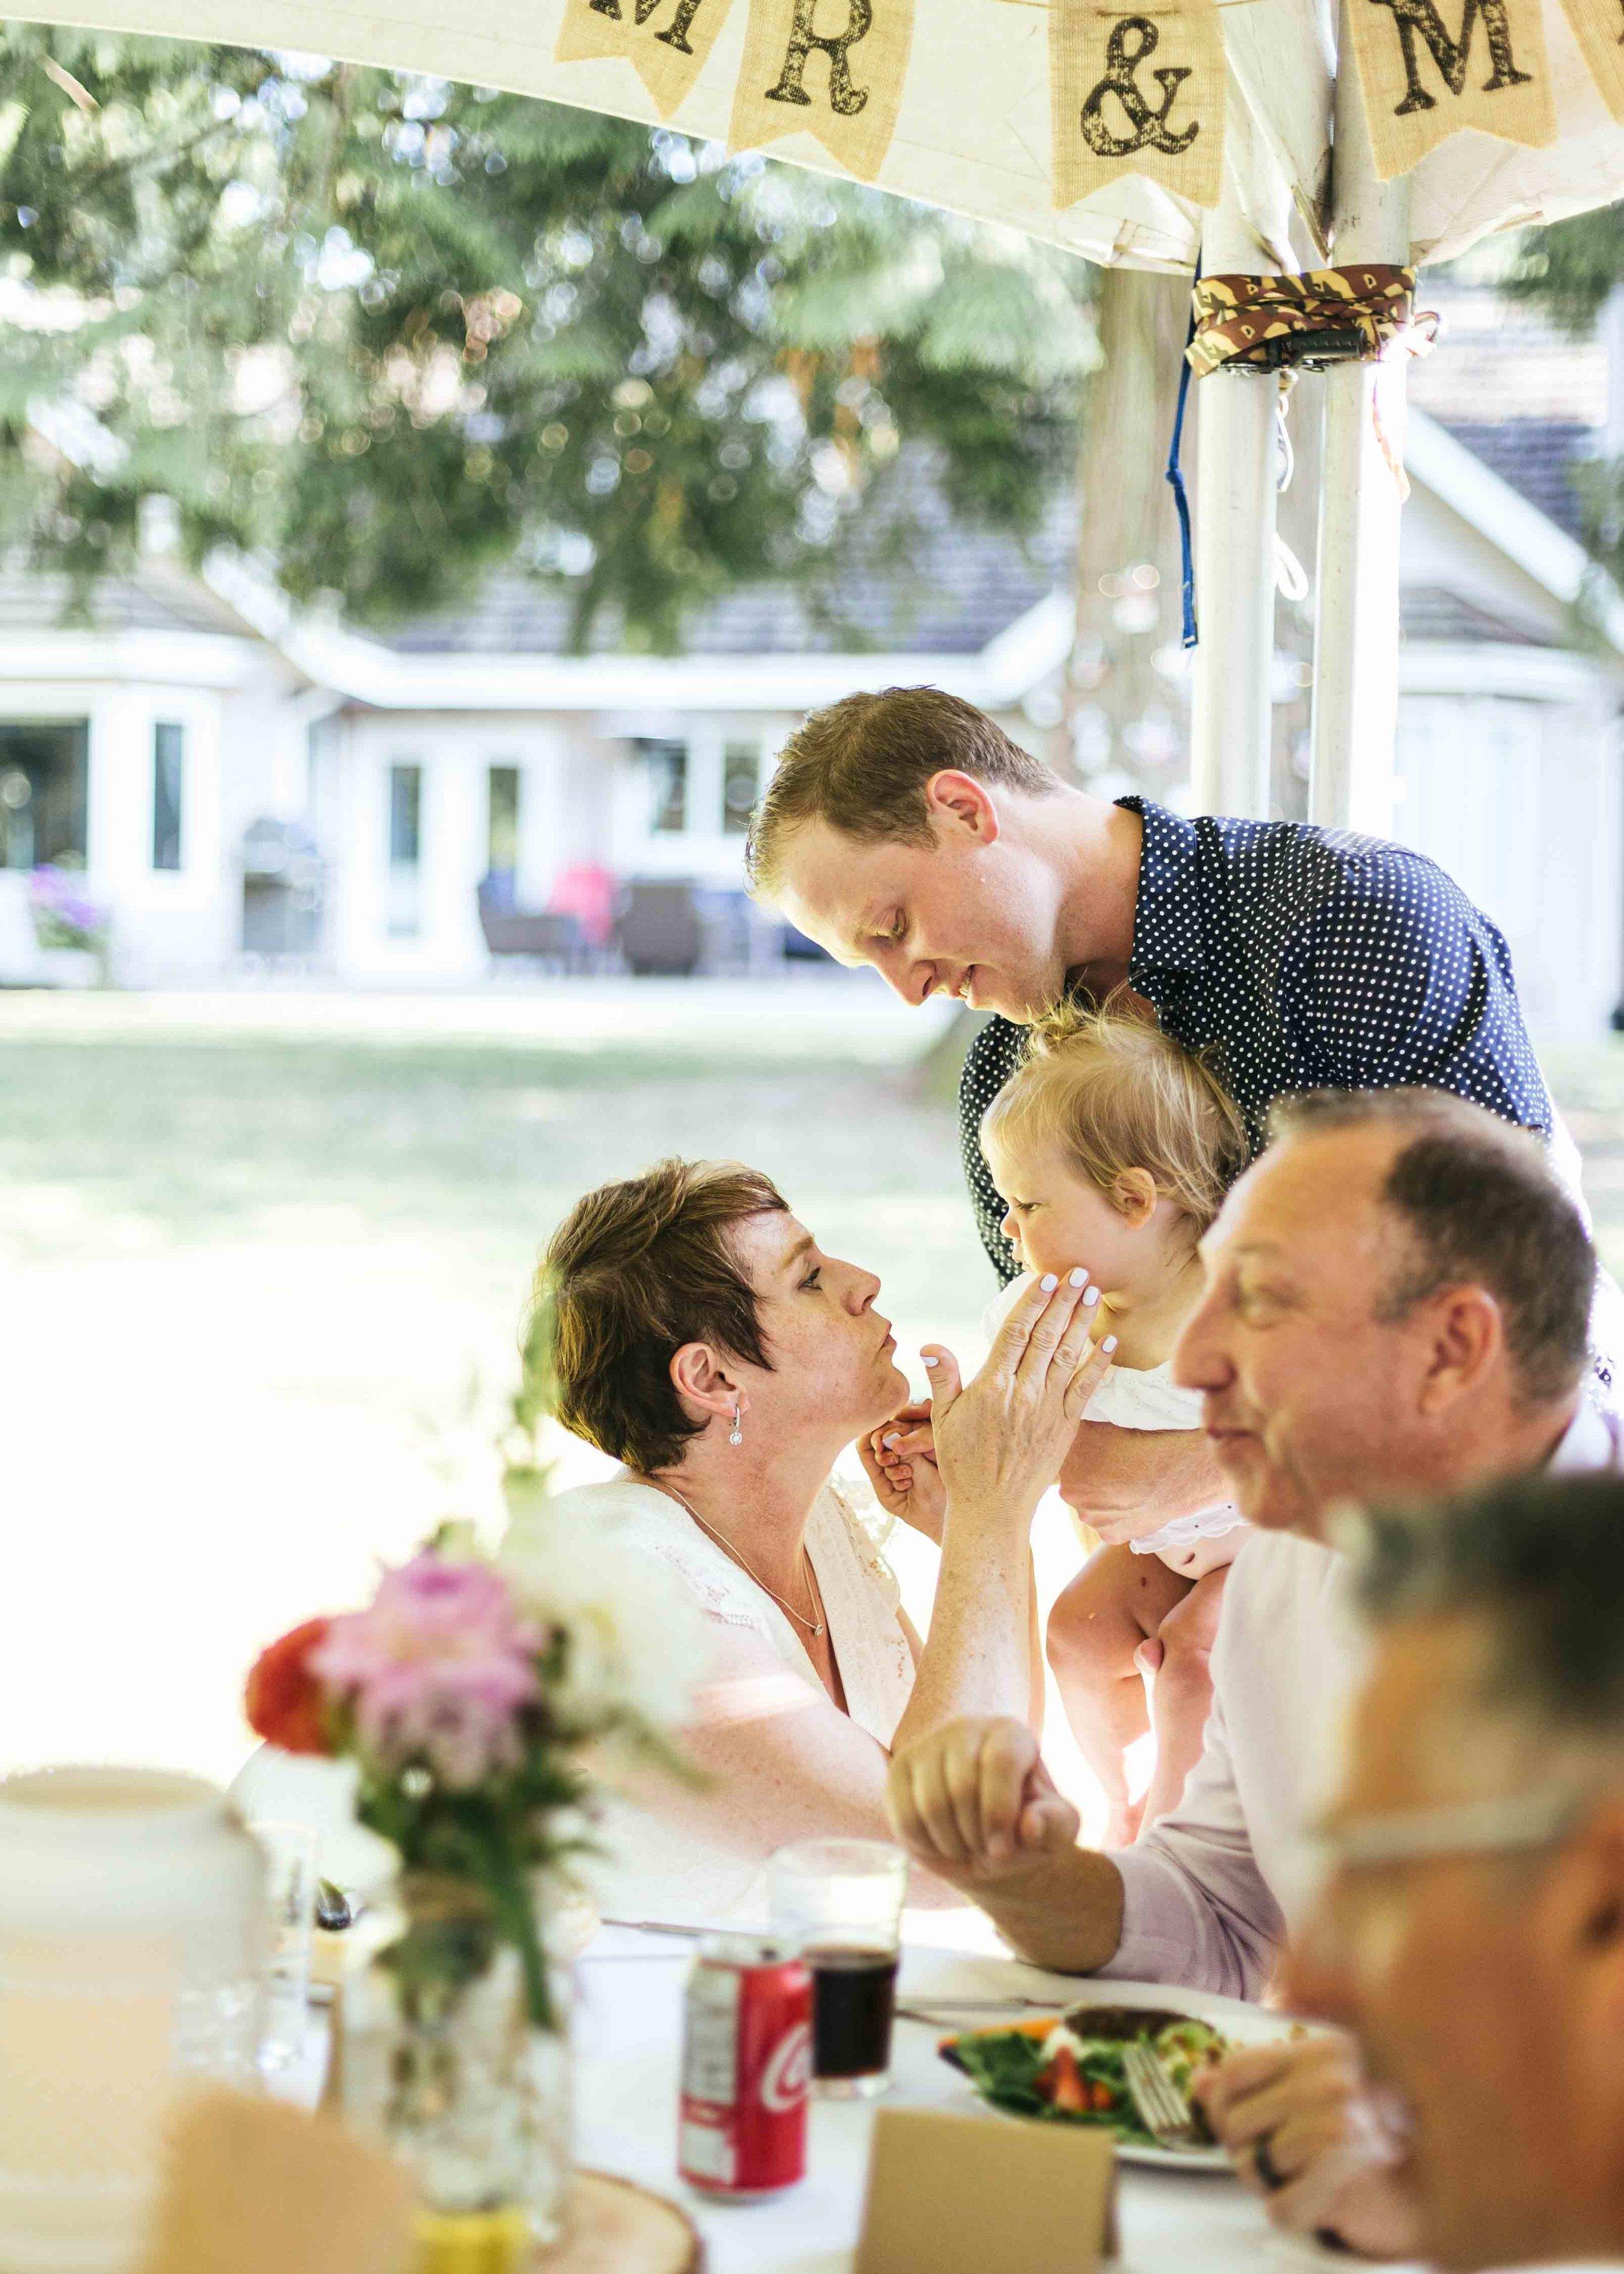 carla_darren_wedding_sophia_hsin_photography-291.jpg